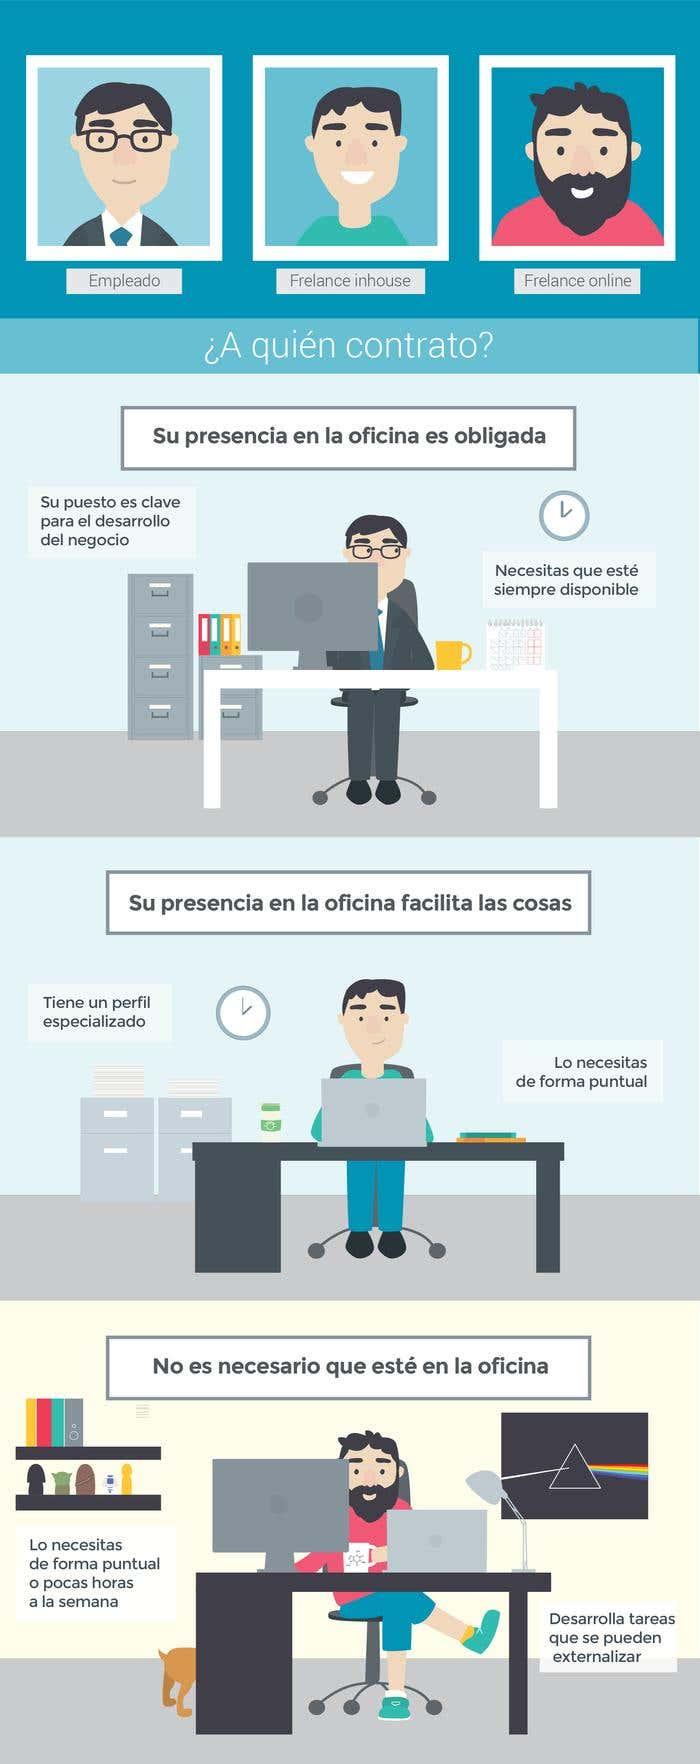 ¿A quién contrato? Empleado, freelance o freelance online @desviocreativo